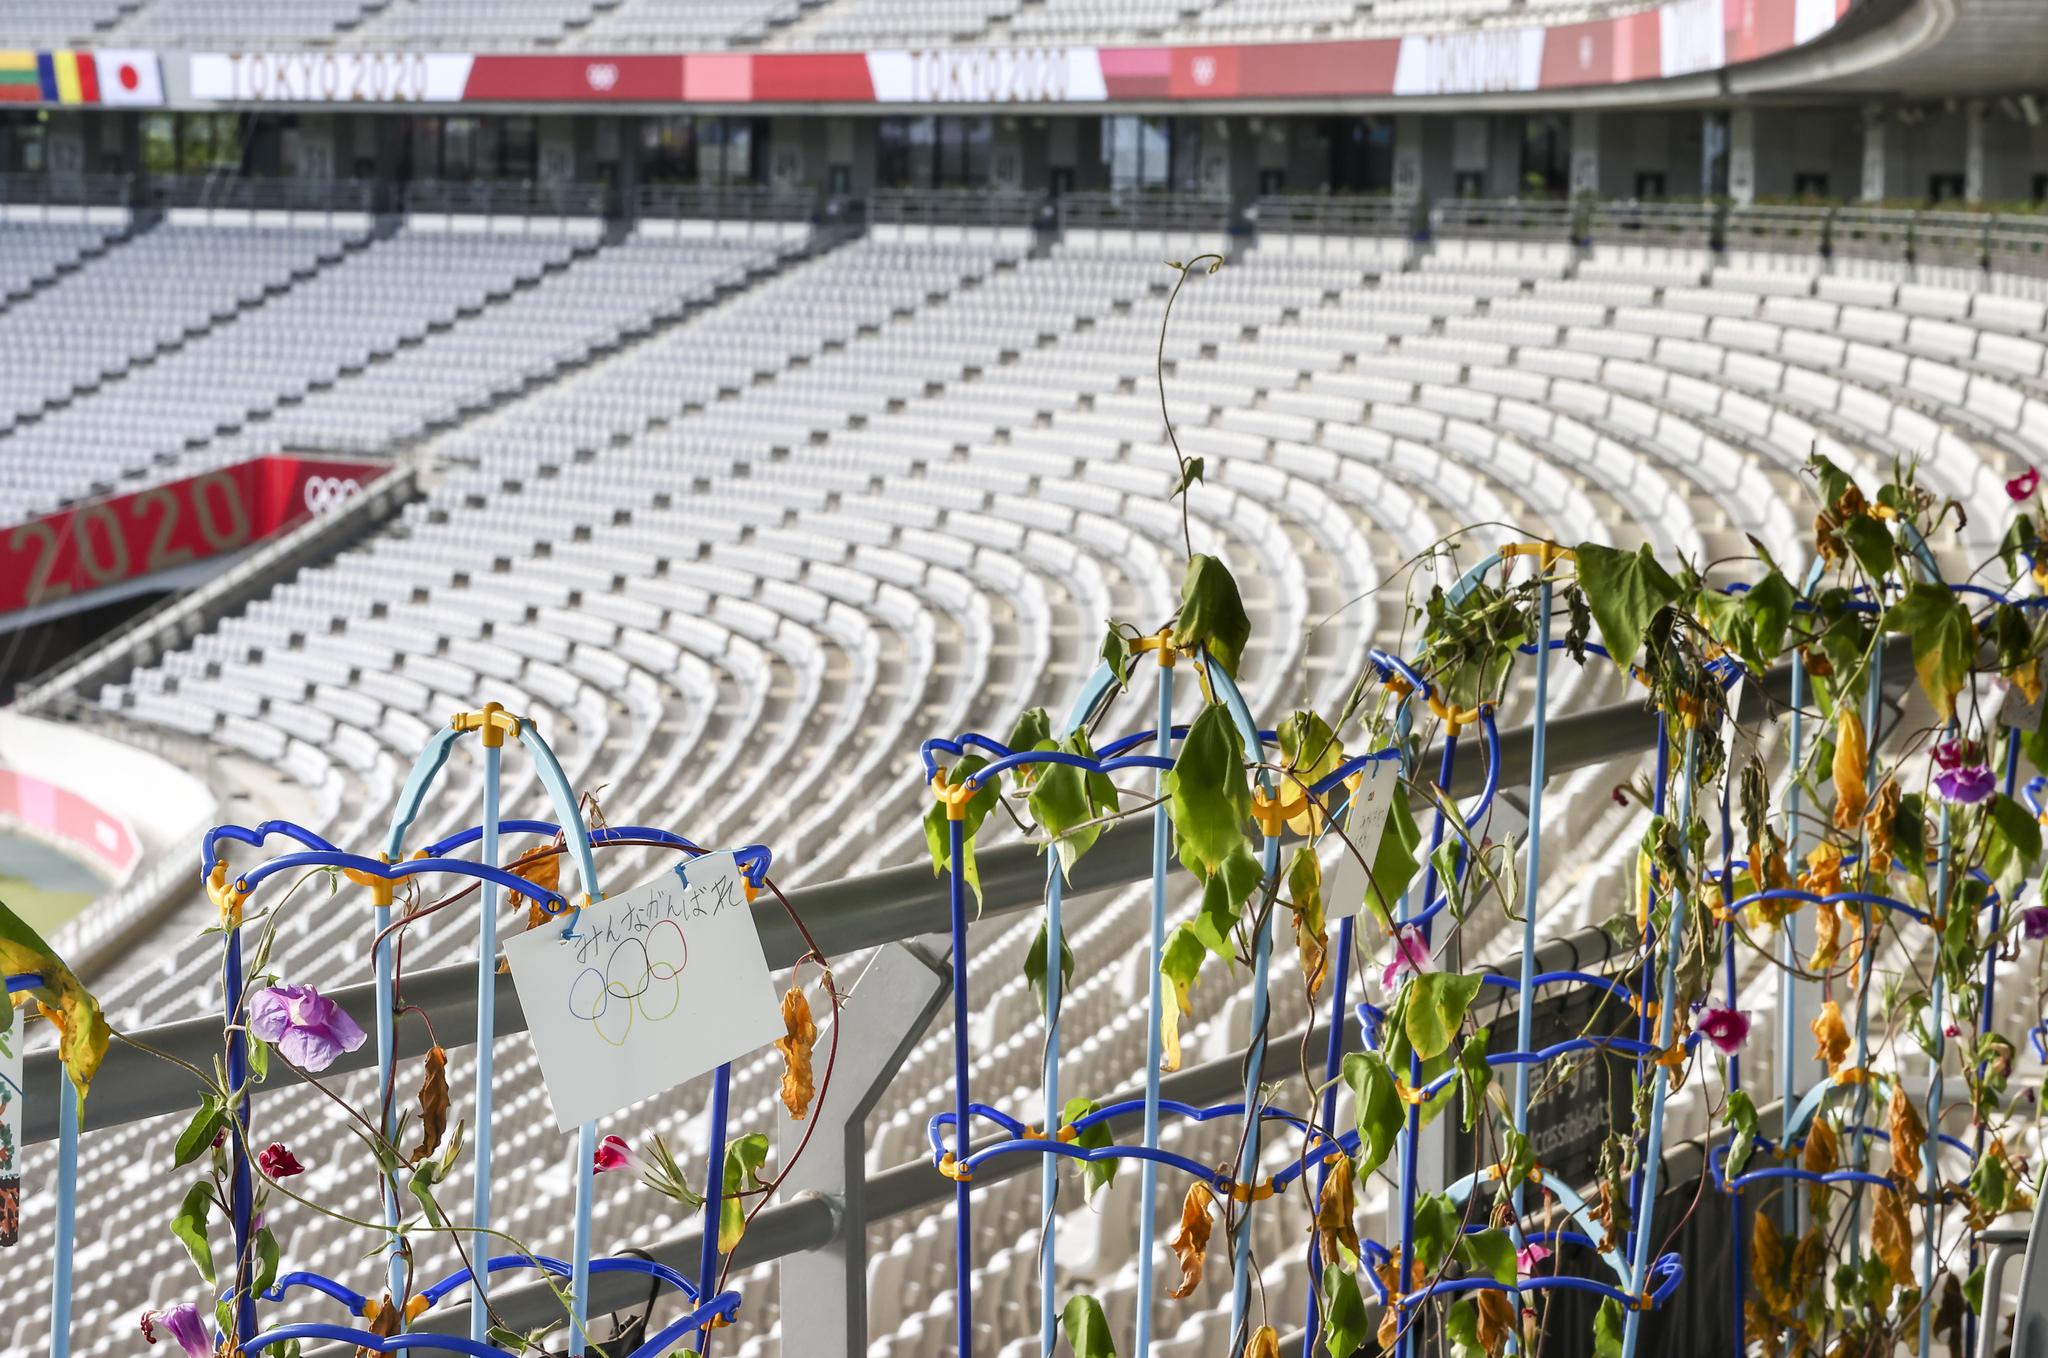 도쿄 올림픽 개막을 이틀 앞둔 21일 오후 도쿄스타디움에서 무관중으로 열린 여자축구 스웨덴 대 미국 경기. 시들어가는 식물 뒤로 텅 빈 좌석이 보인다. 연합뉴스